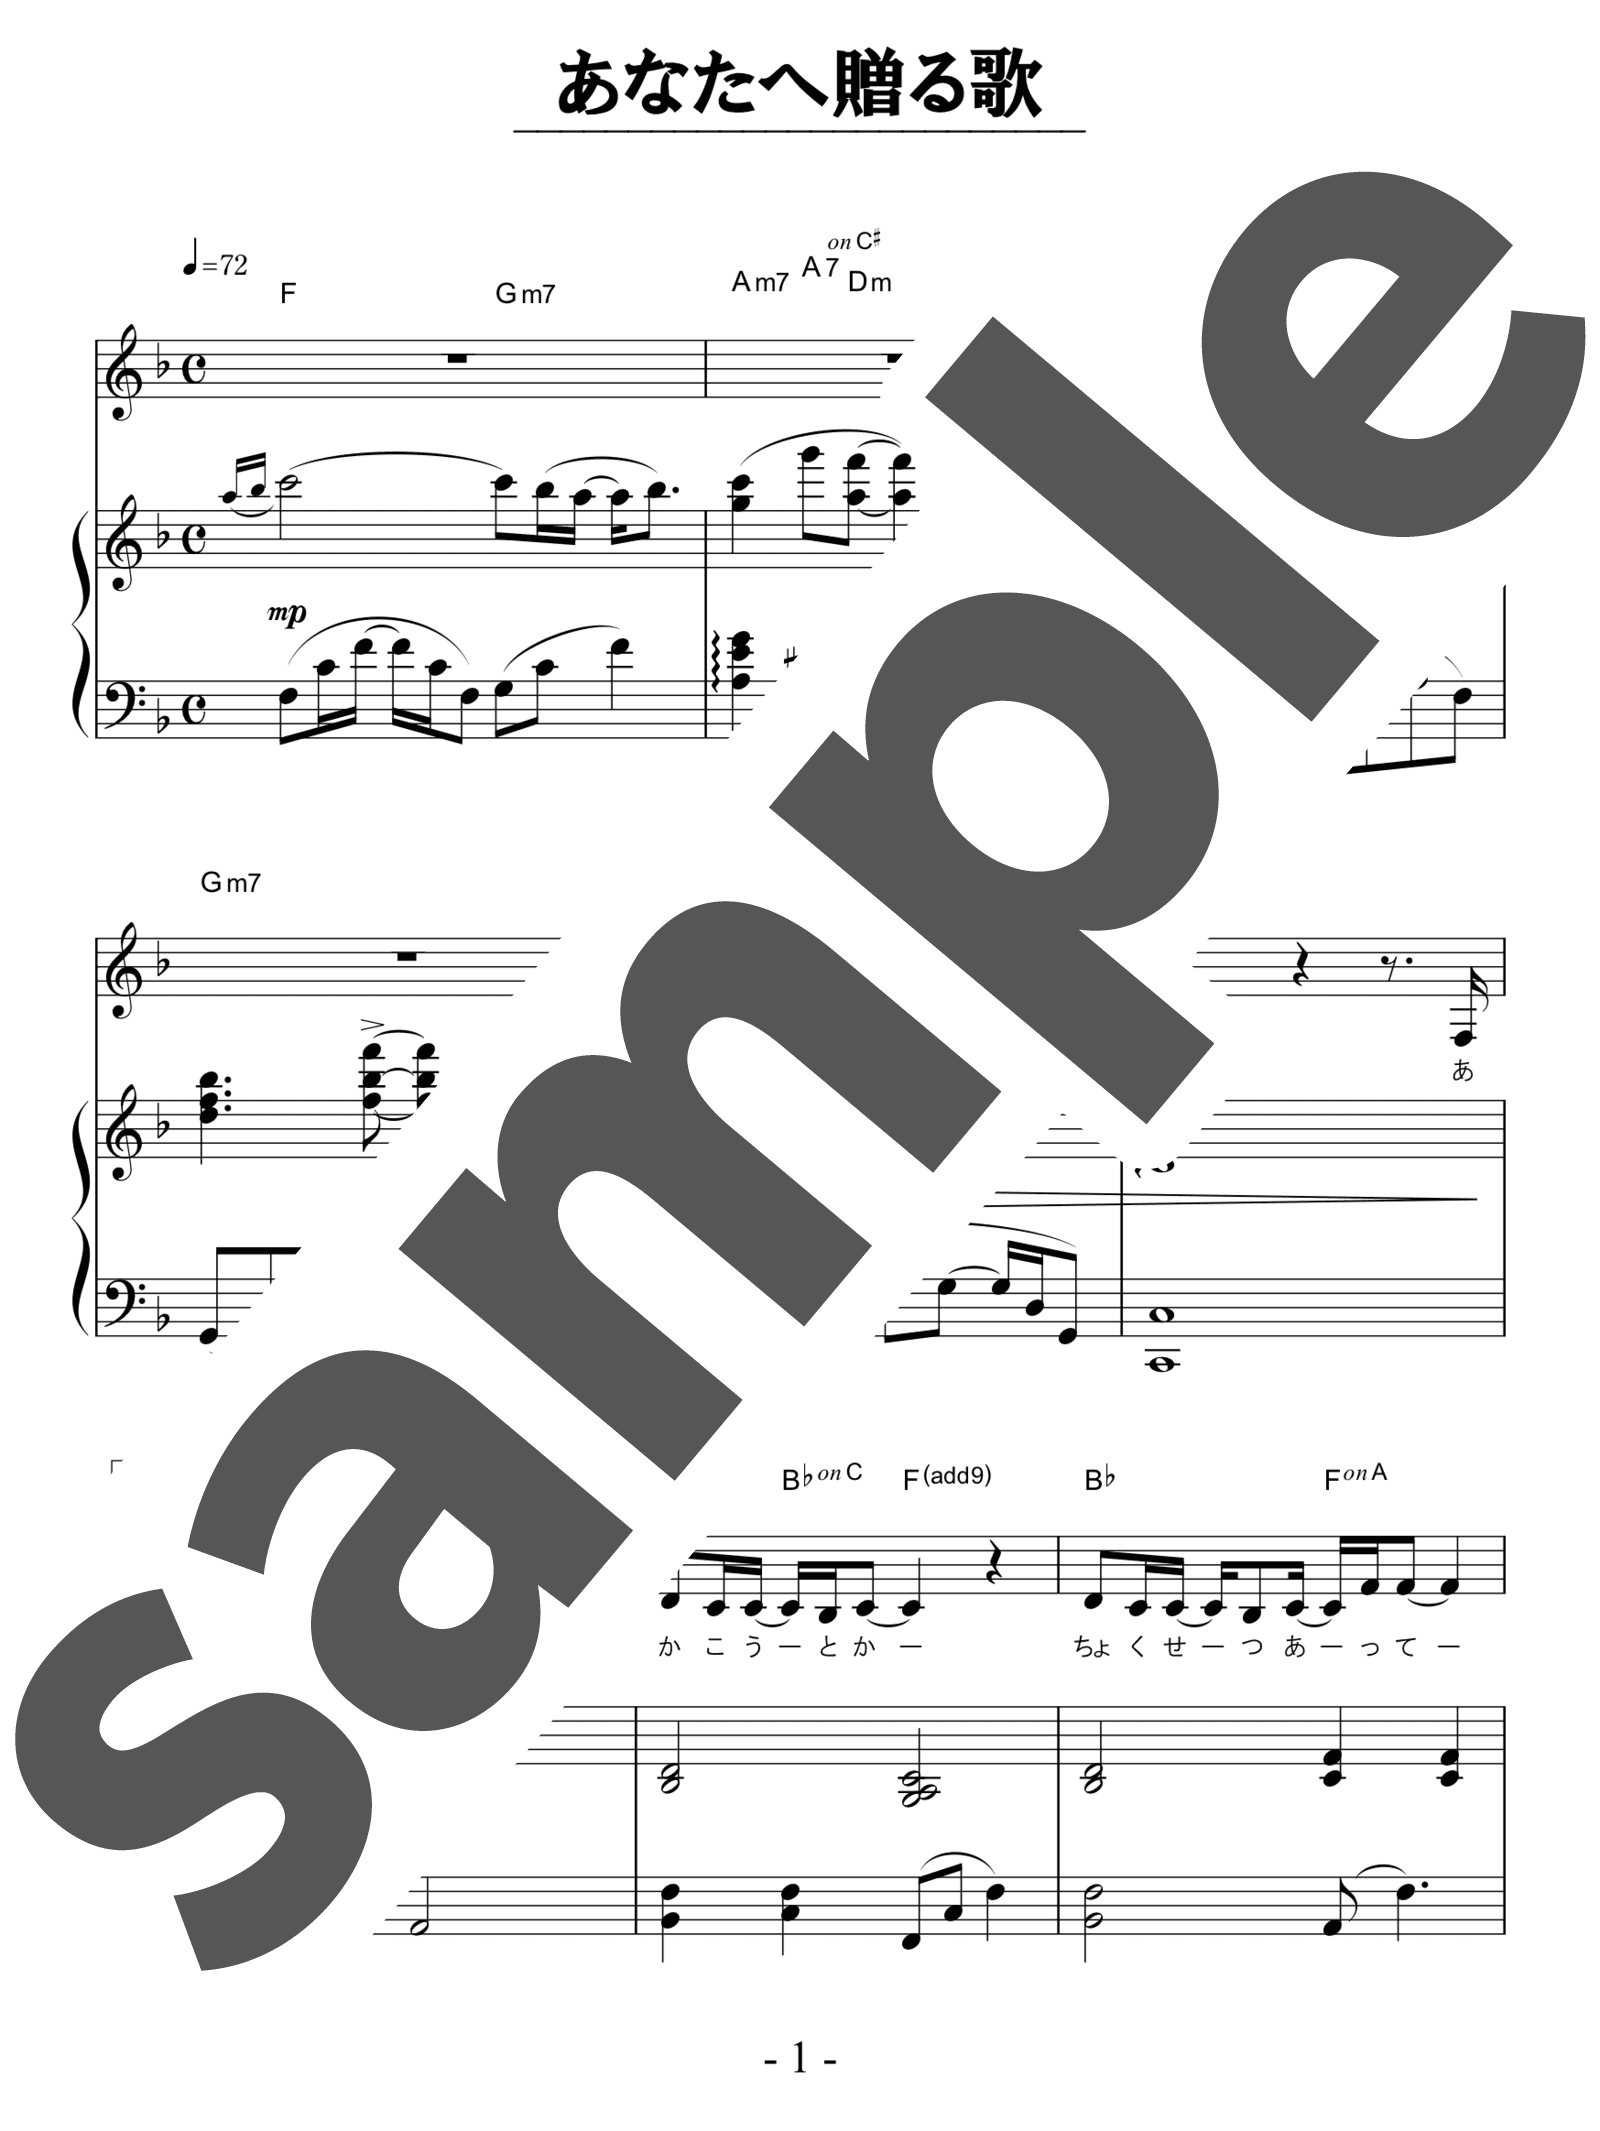 「あなたへ贈る歌」のサンプル楽譜